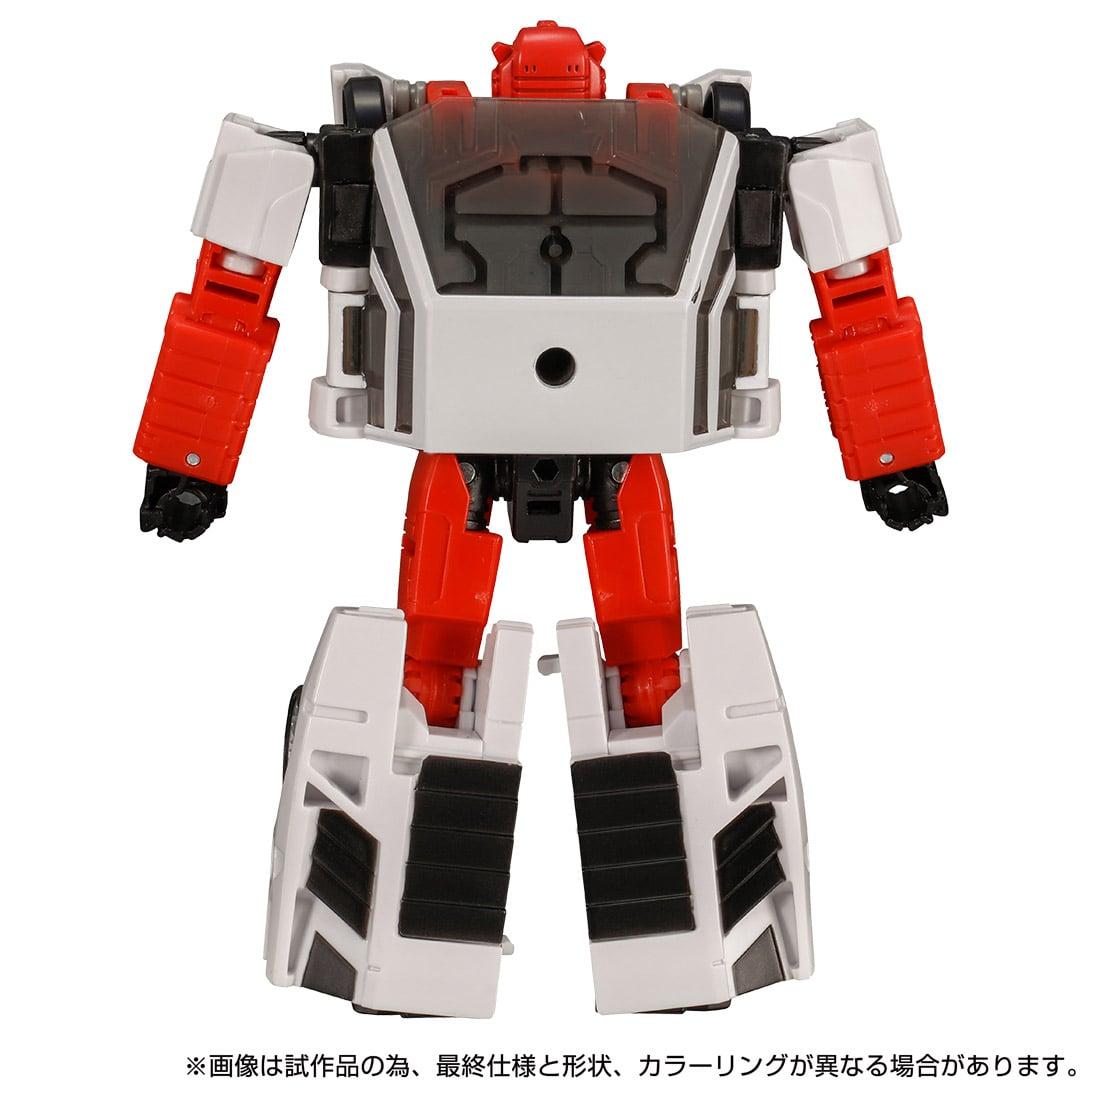 トランスフォーマー キングダム『KD-18 レッドアラート』可変可動フィギュア-003